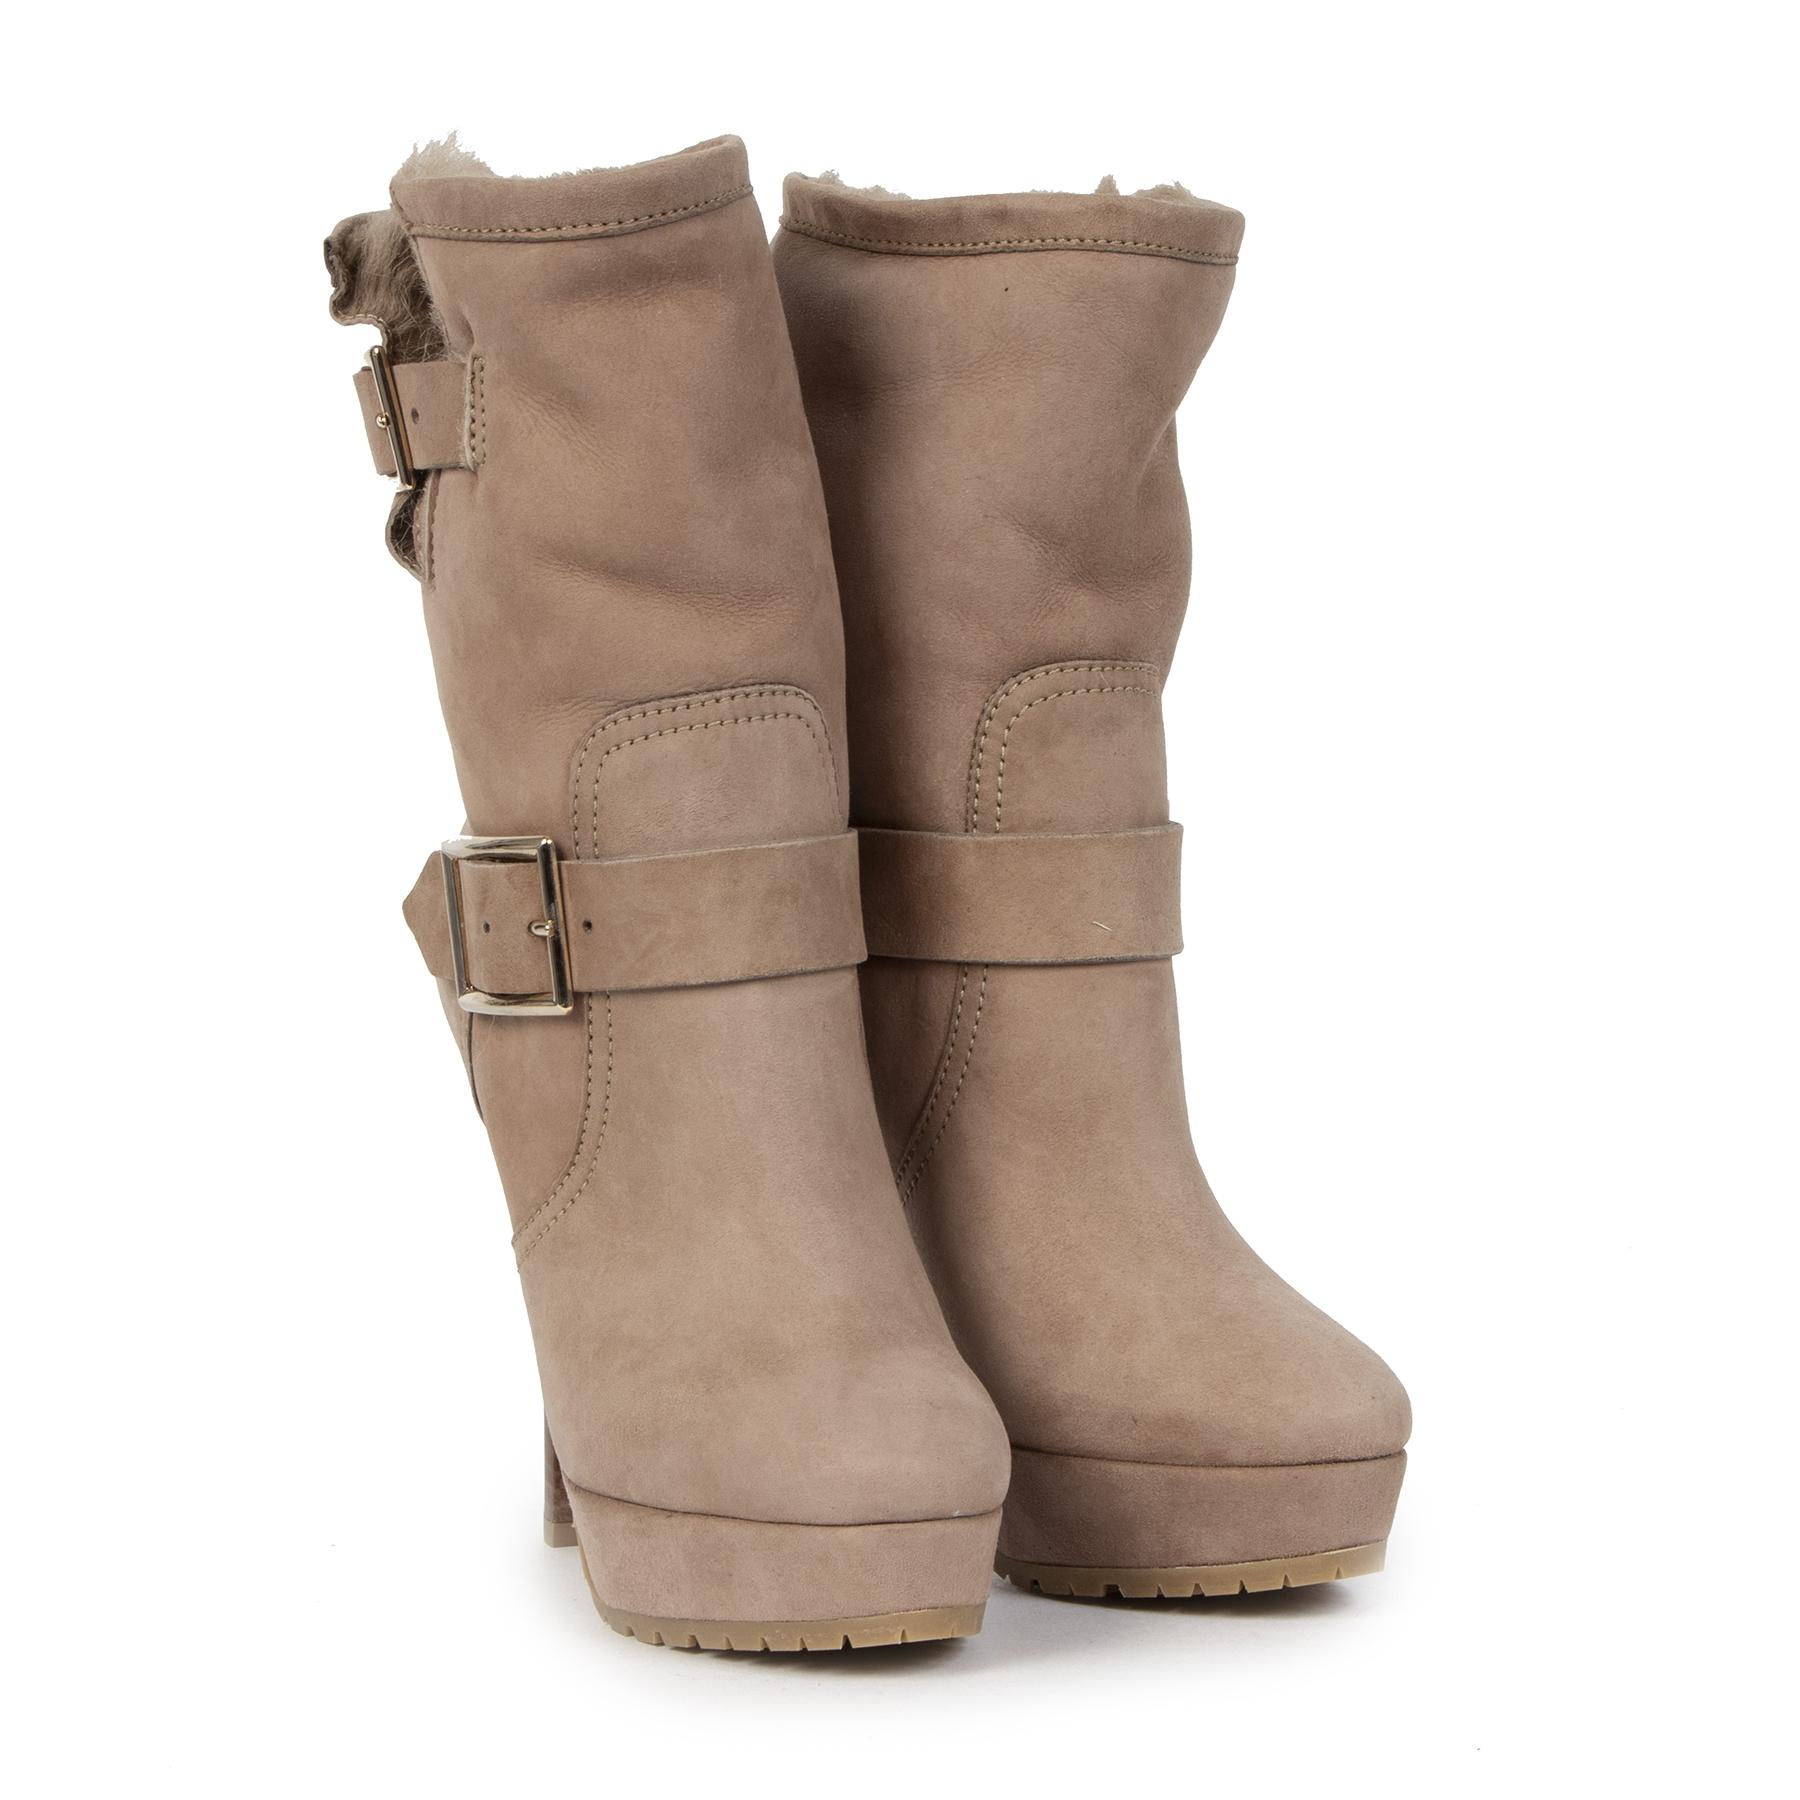 Jimmy Choo Beige Suede Shearling Dylan Boots Size 36 te koop bij Labellov